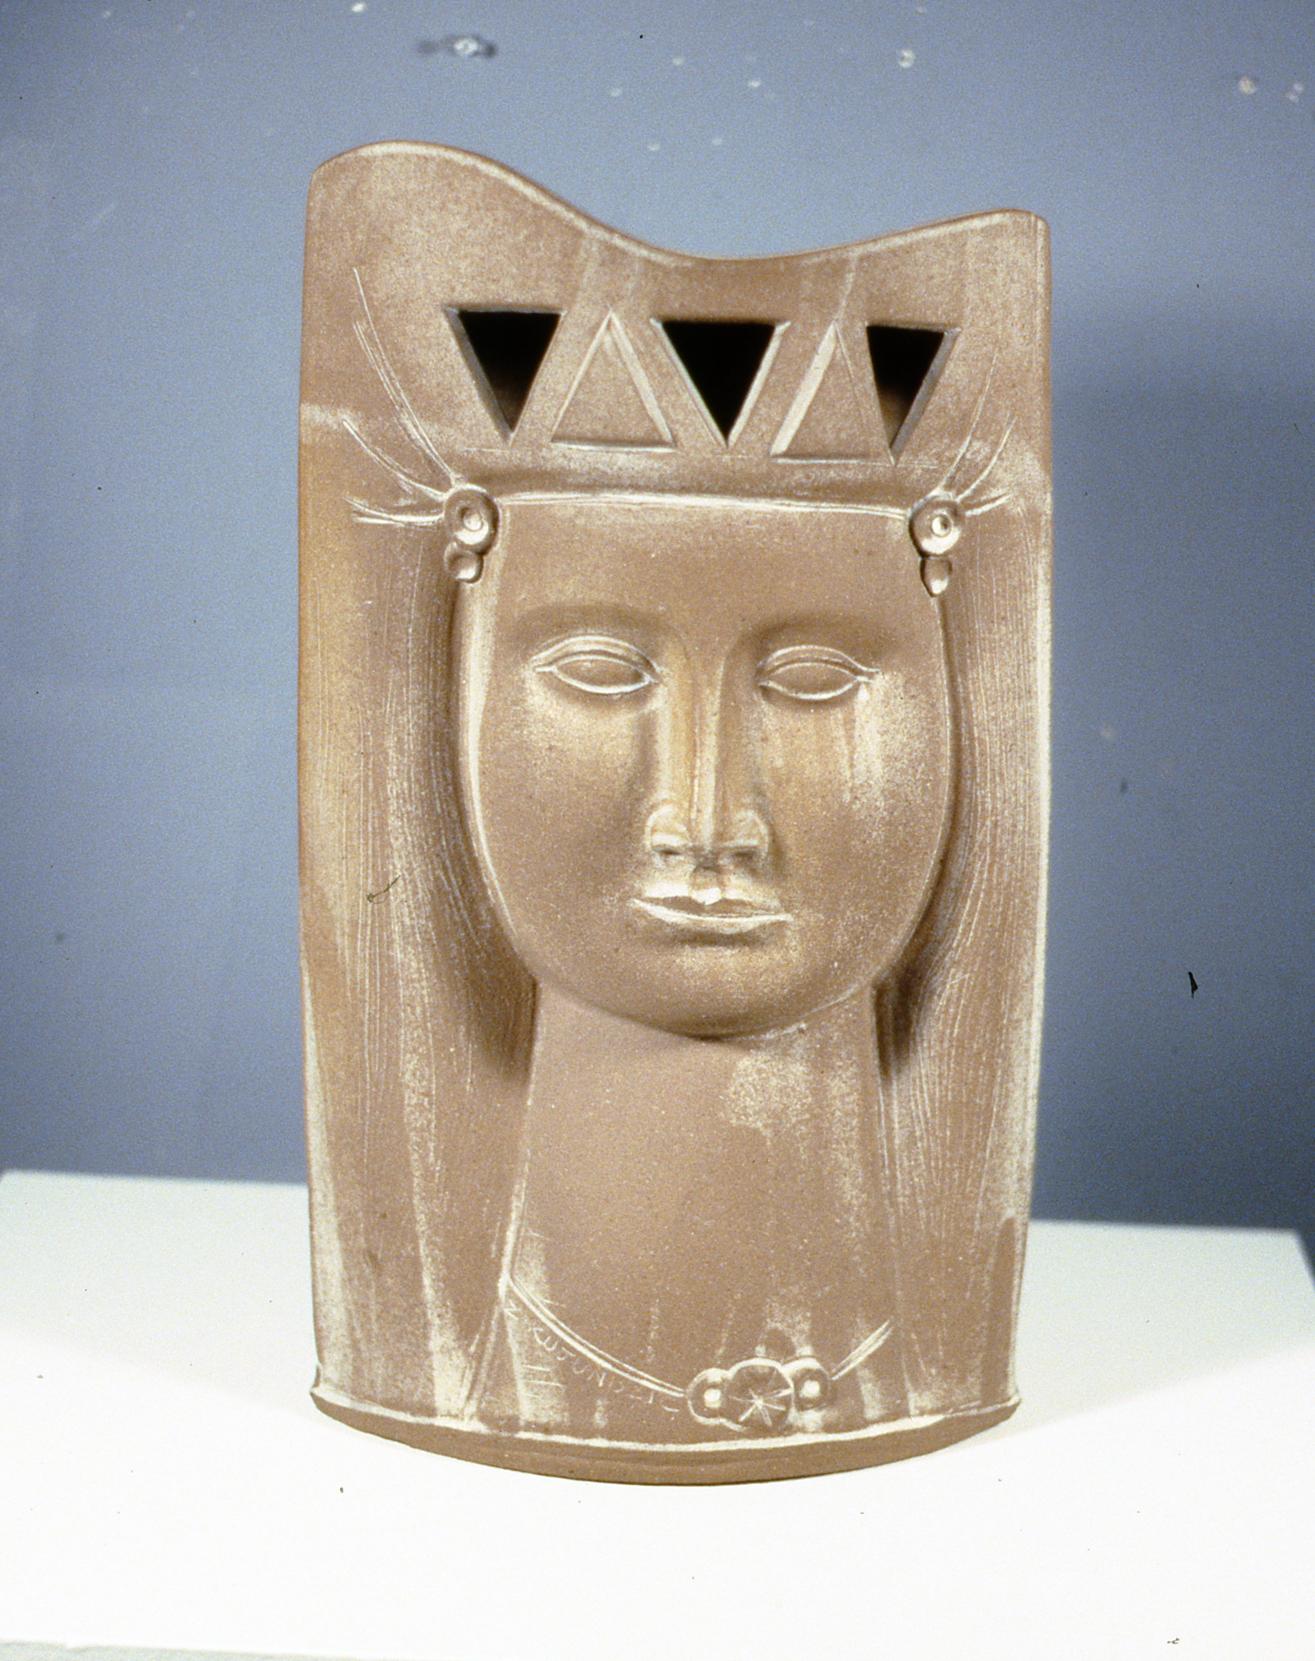 Queen of Sheba (front view),1995, Zeljko Kujundzic, stoneware sculpture, 48 x 28 cm, 1999.03.01, gift of the estate of June Brock